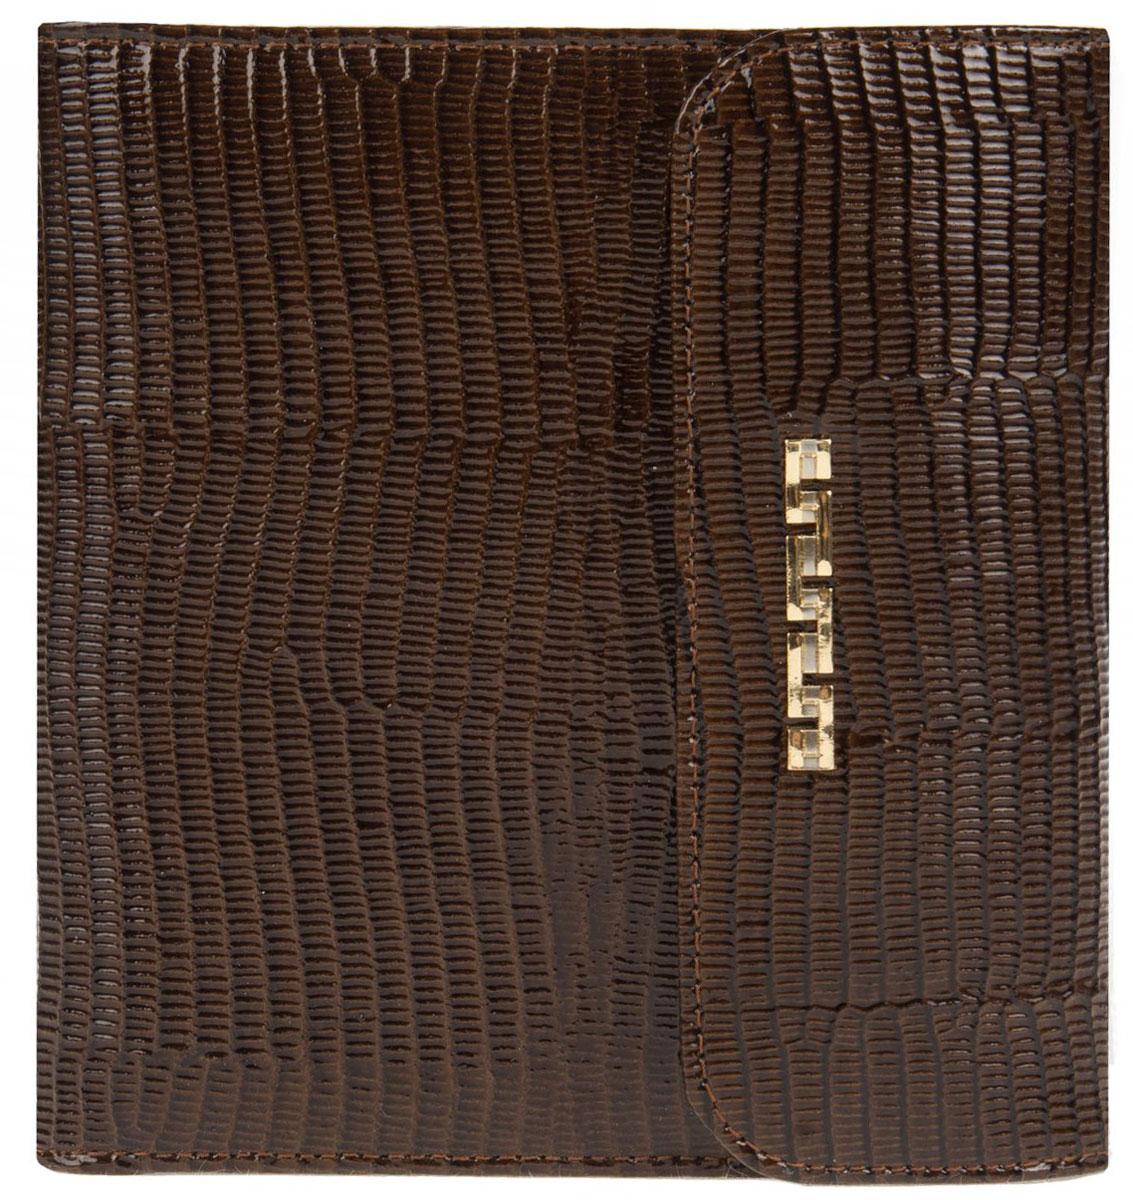 Визитница женская Franchesco Mariscotti, цвет: коричневый. 0-370-35 -  Визитницы